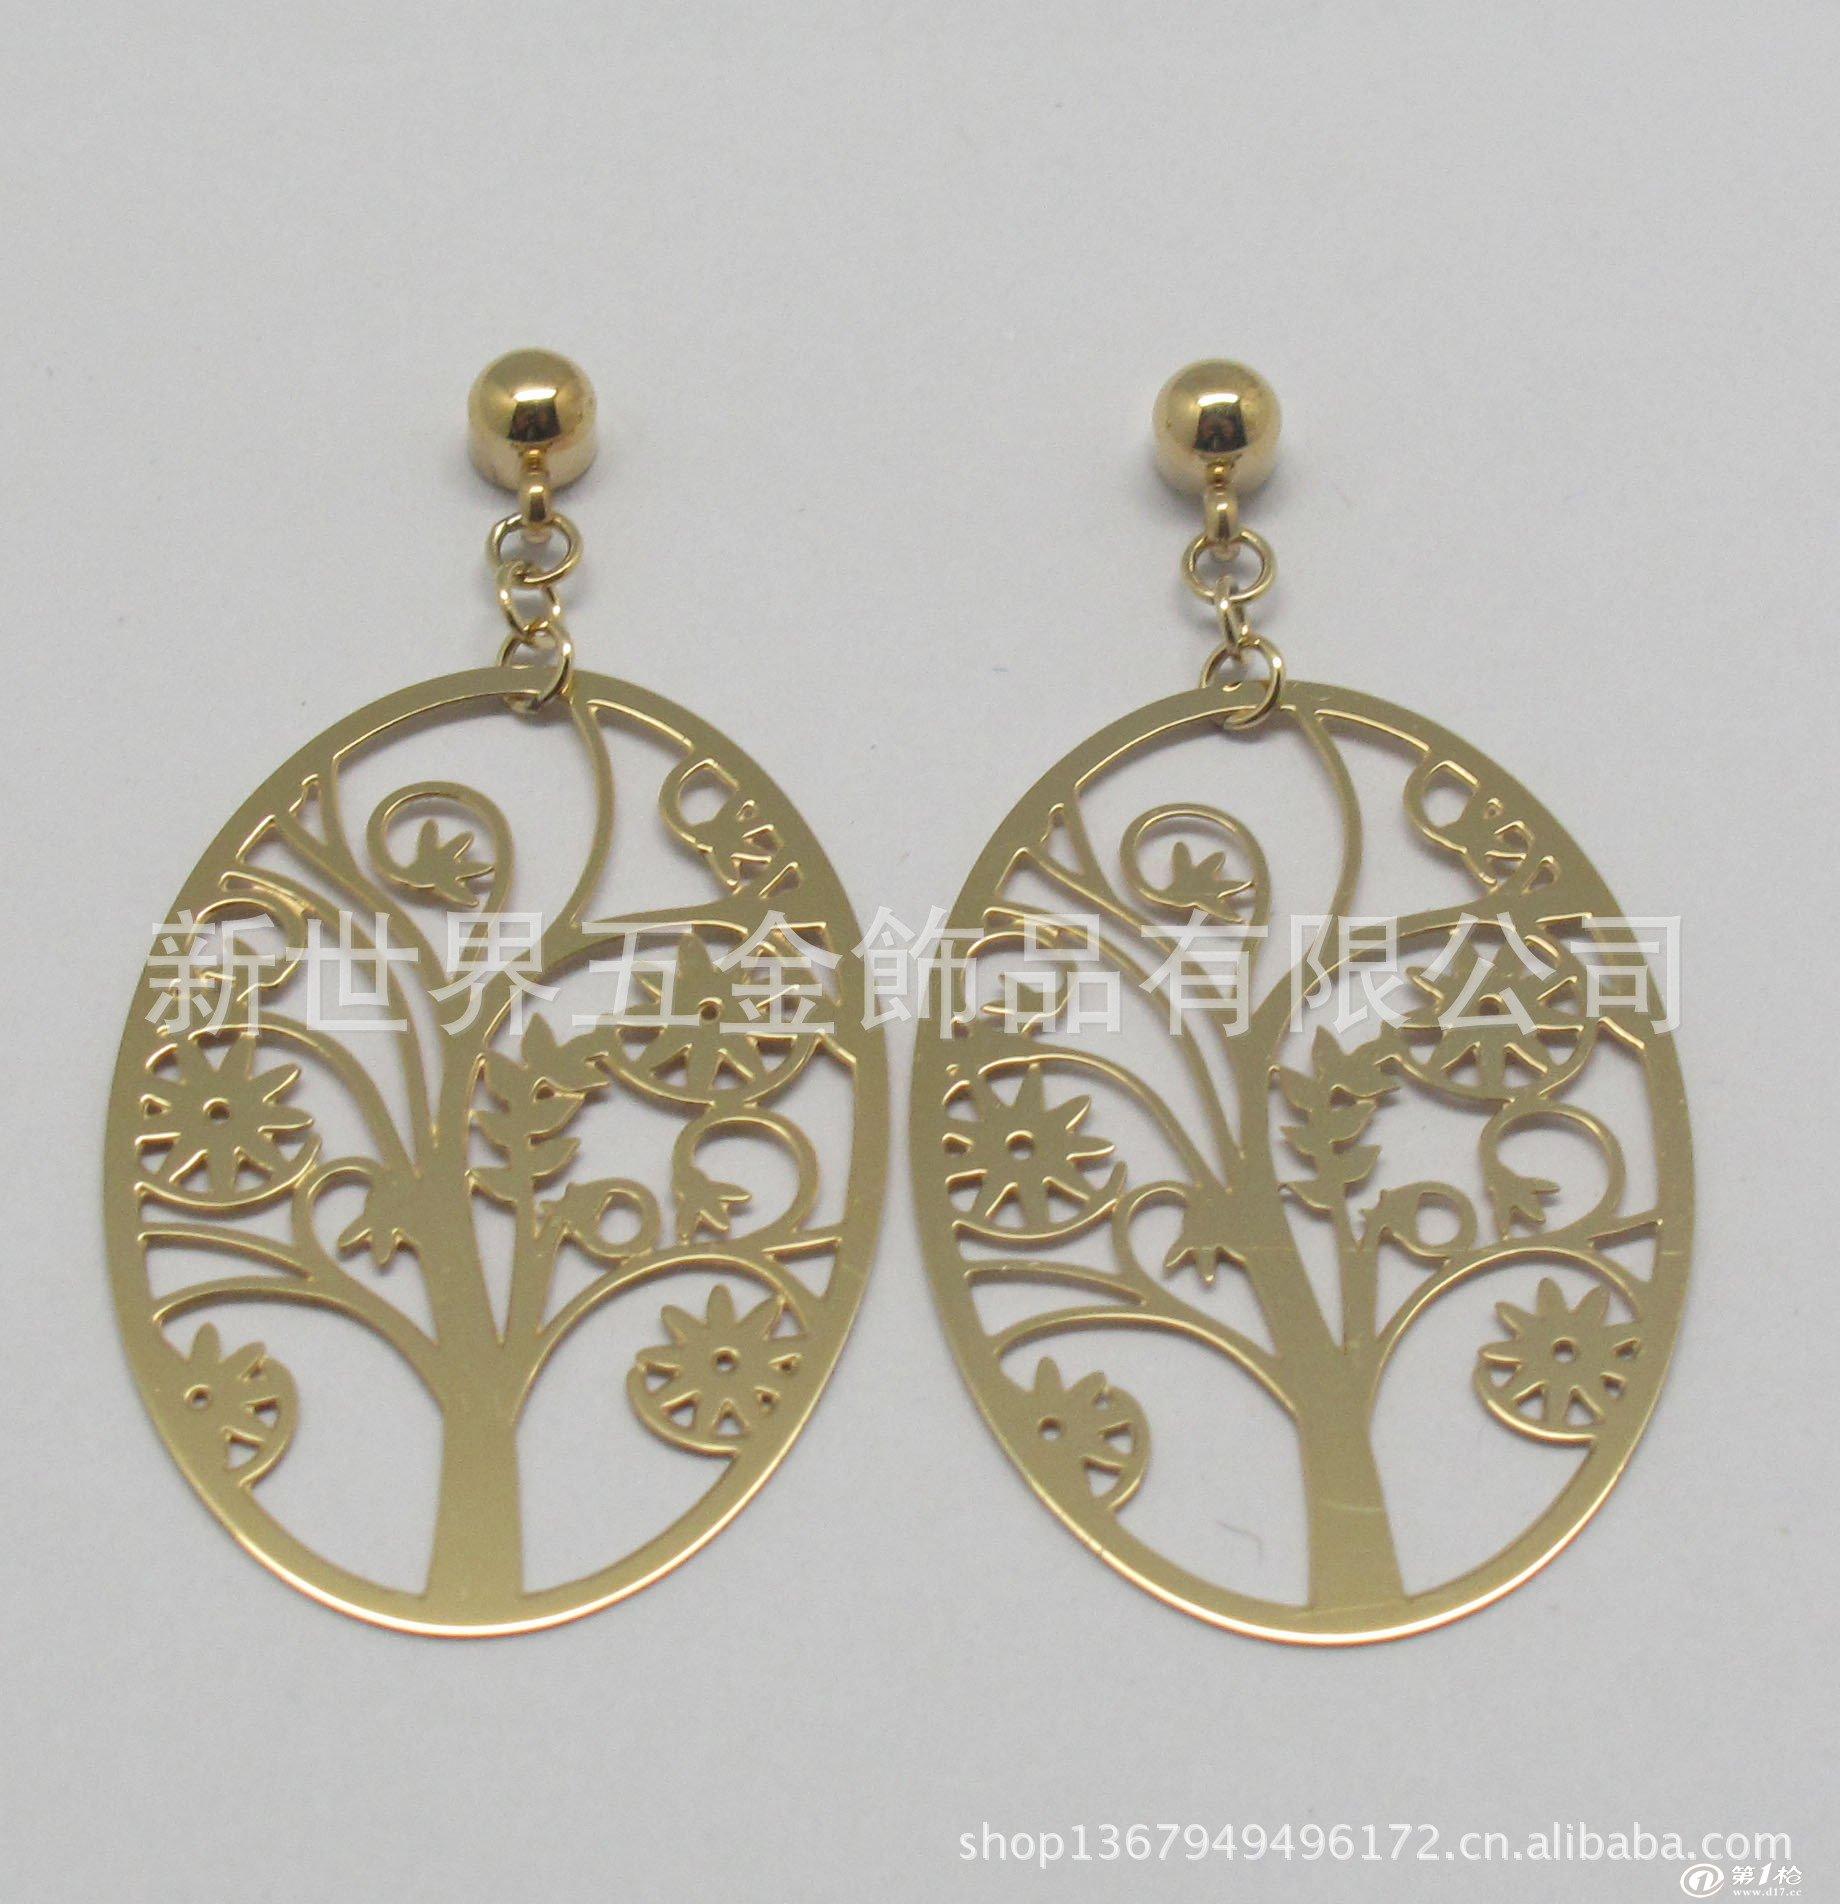 现货复古不锈钢饰品耳环 环保电镀彩色蝴蝶精美图案女式钛钢耳环